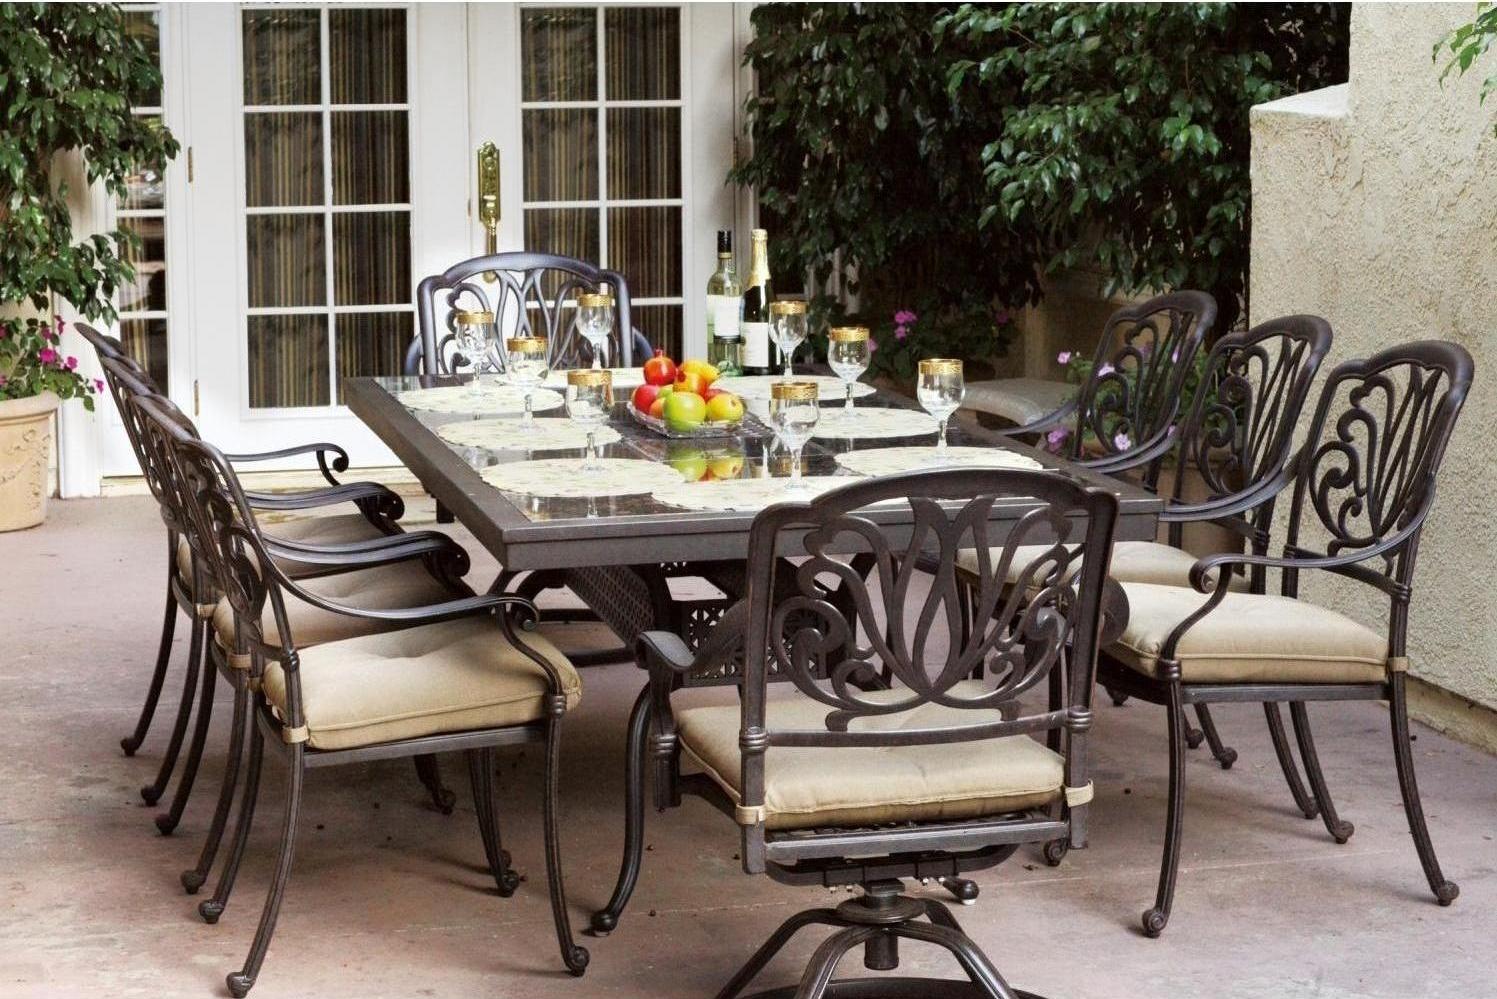 Patio Furniture Dining Set Cast Aluminum 91 Rectangular Granite Top Tab